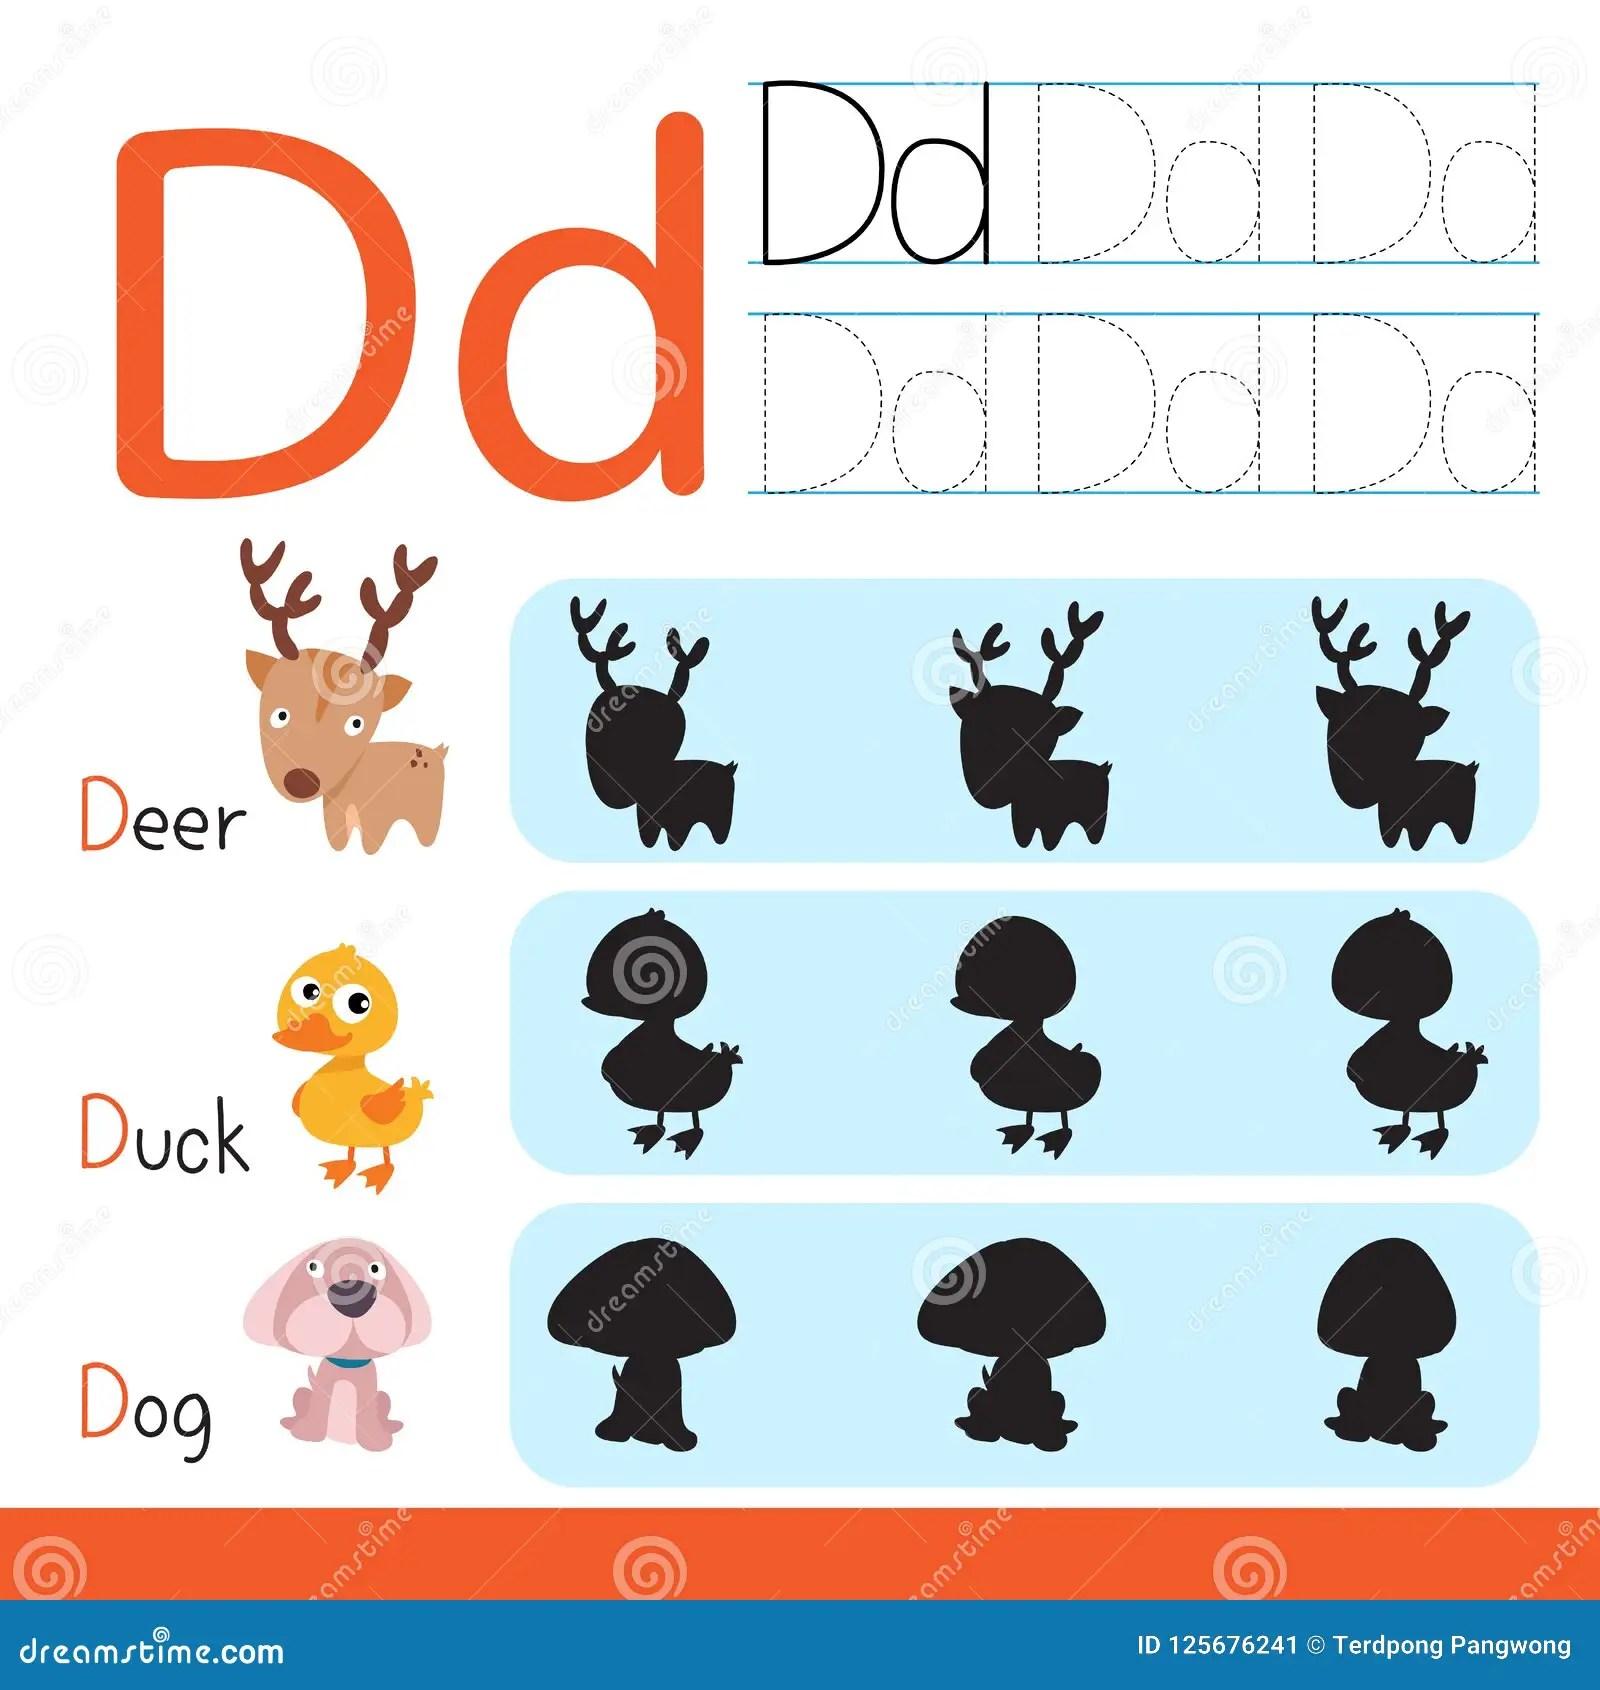 Worksheet Vector Design For Kid Stock Illustration